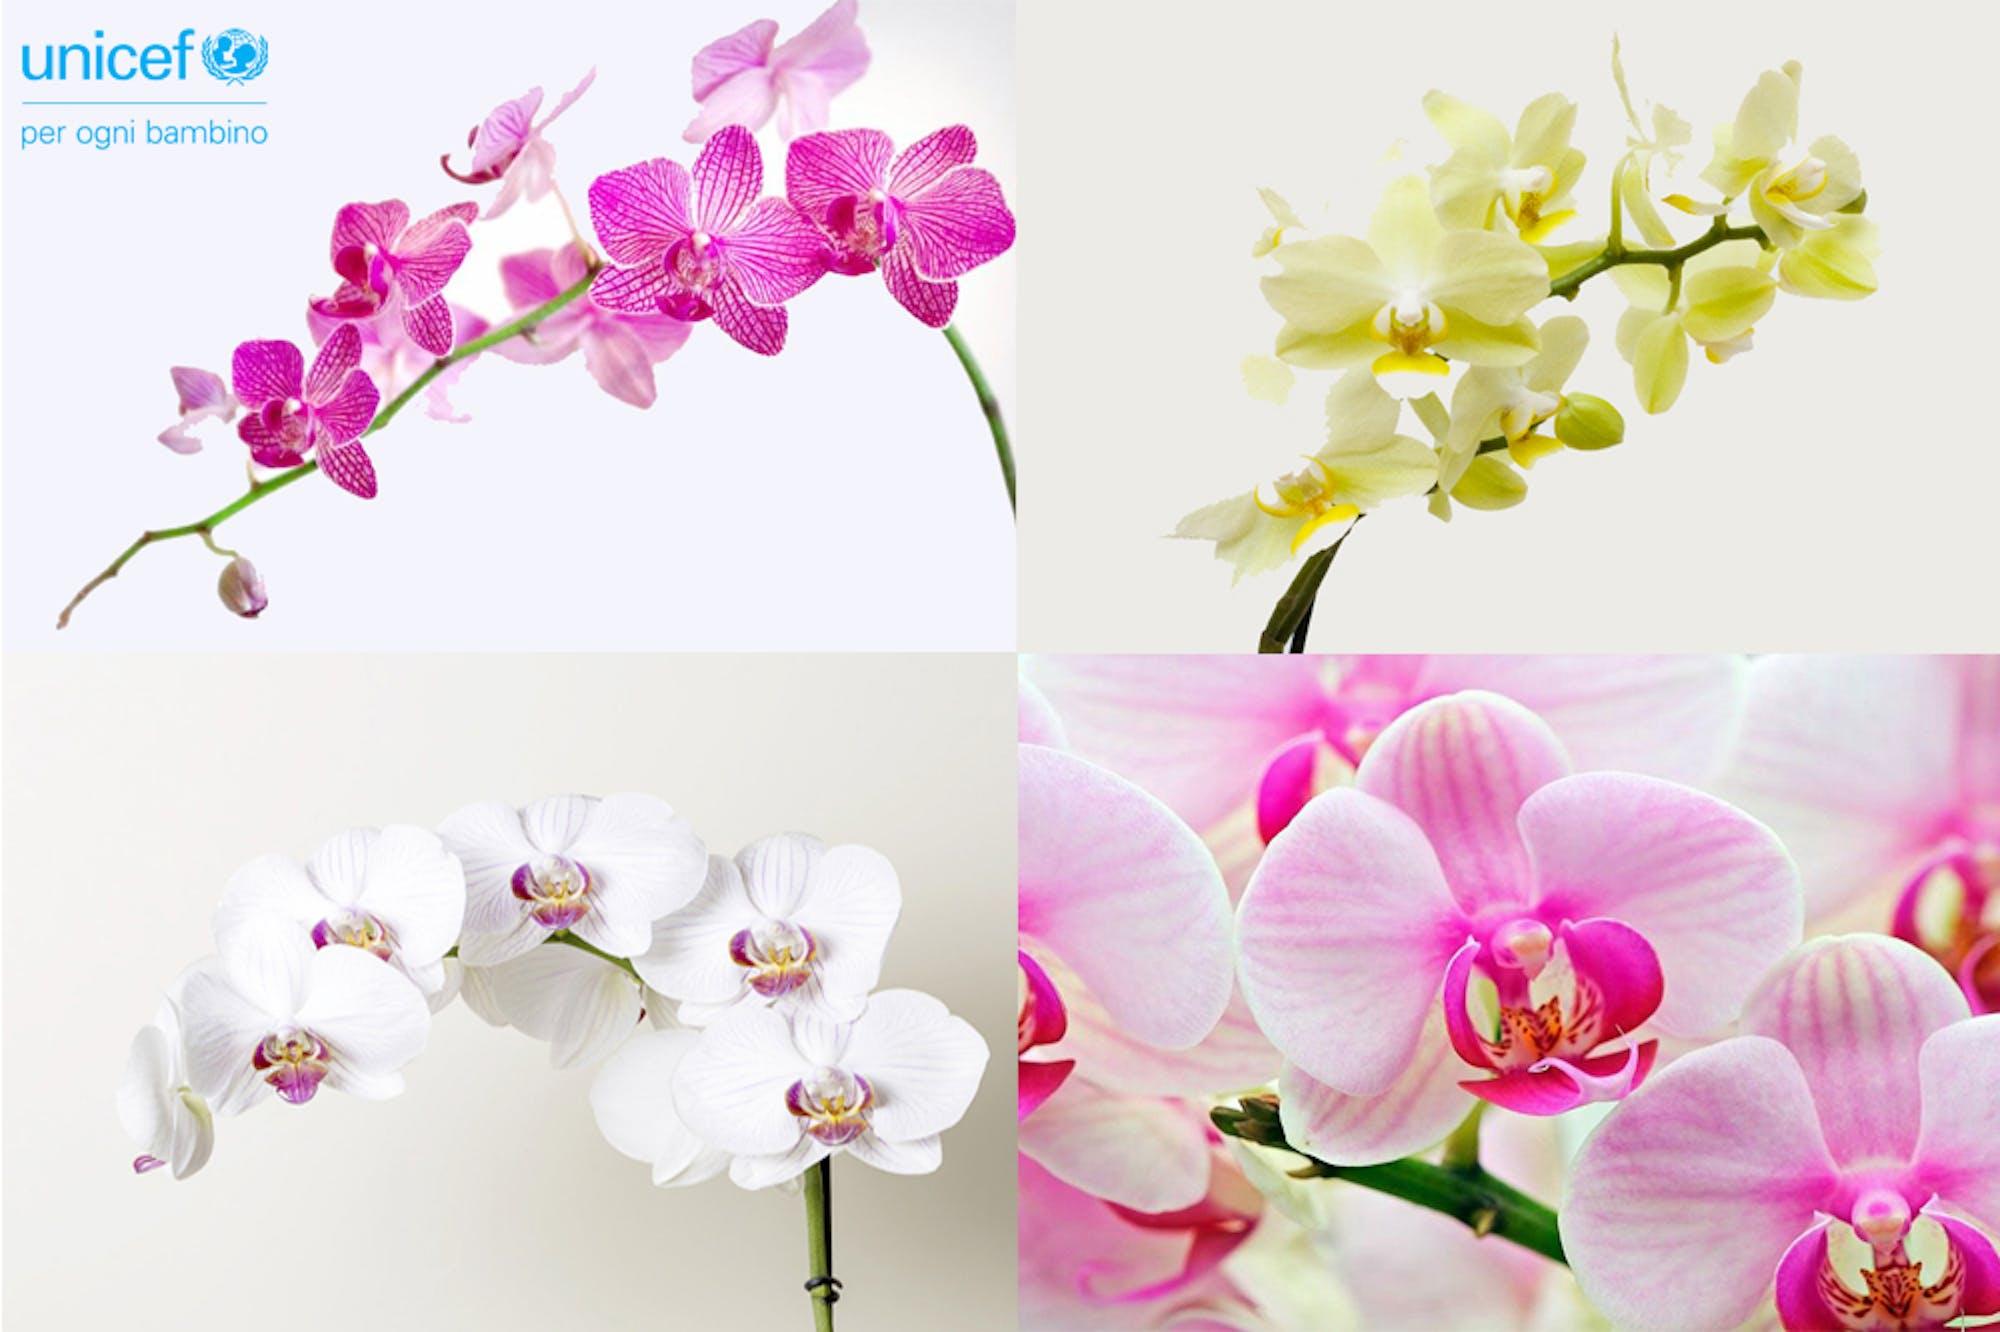 Una occasione in più per sostenere la campagna Orchidea dell'UNICEF